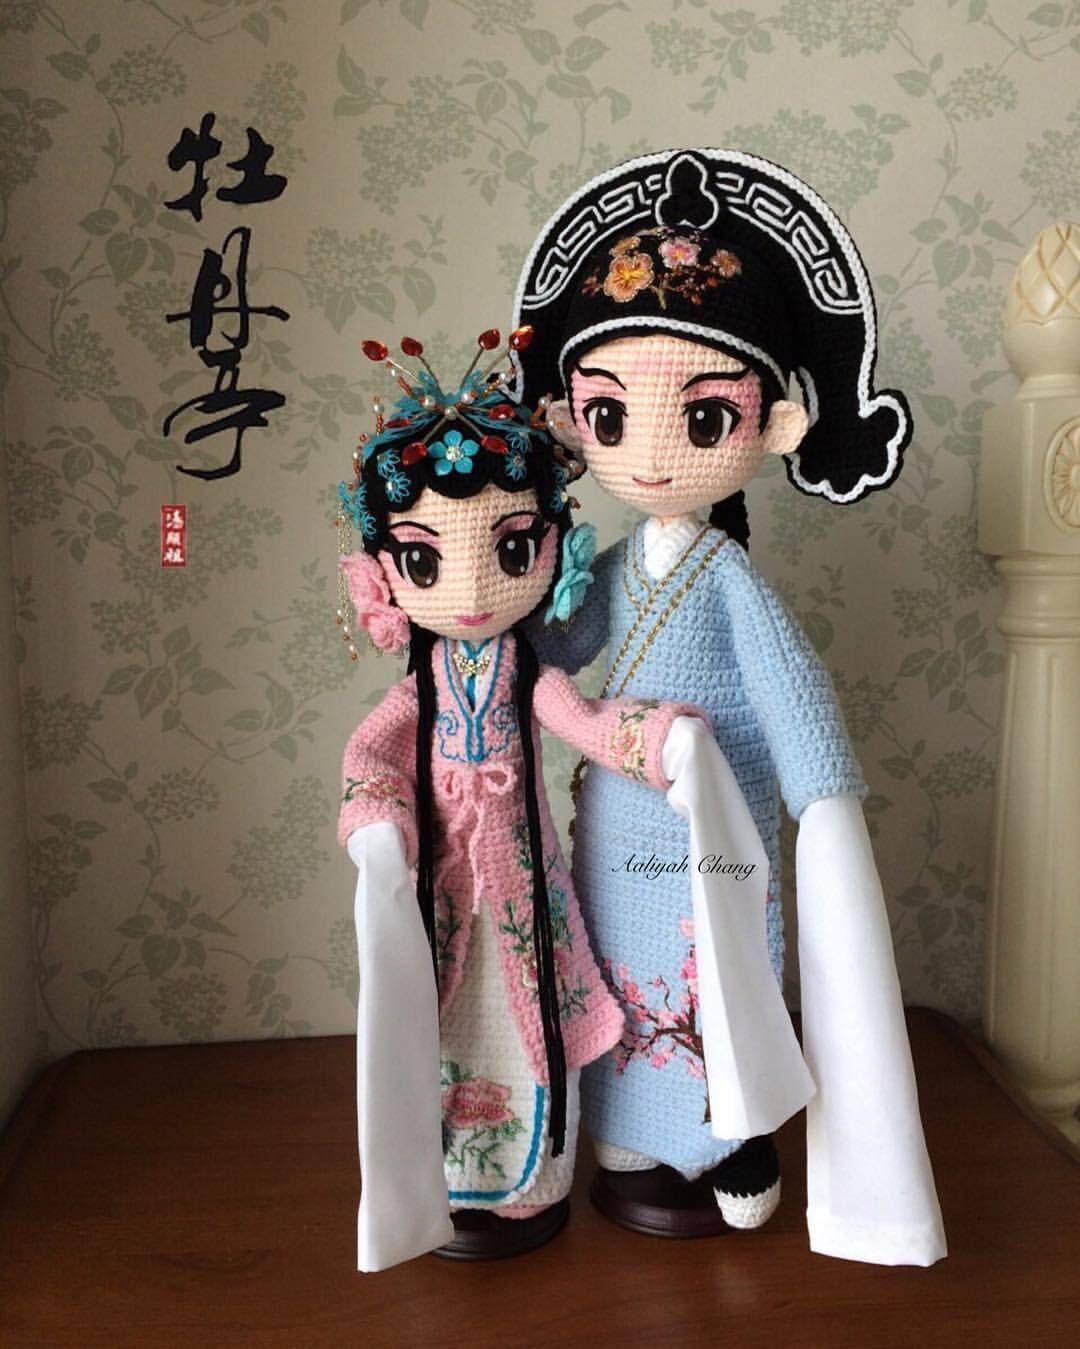 牡丹亭-柳夢梅與杜麗娘 #amigurumi #doll #crochetdoll #craft #handmade #毛線娃娃 #編織 #編みぐるみ #手作り #人形娃娃 ...